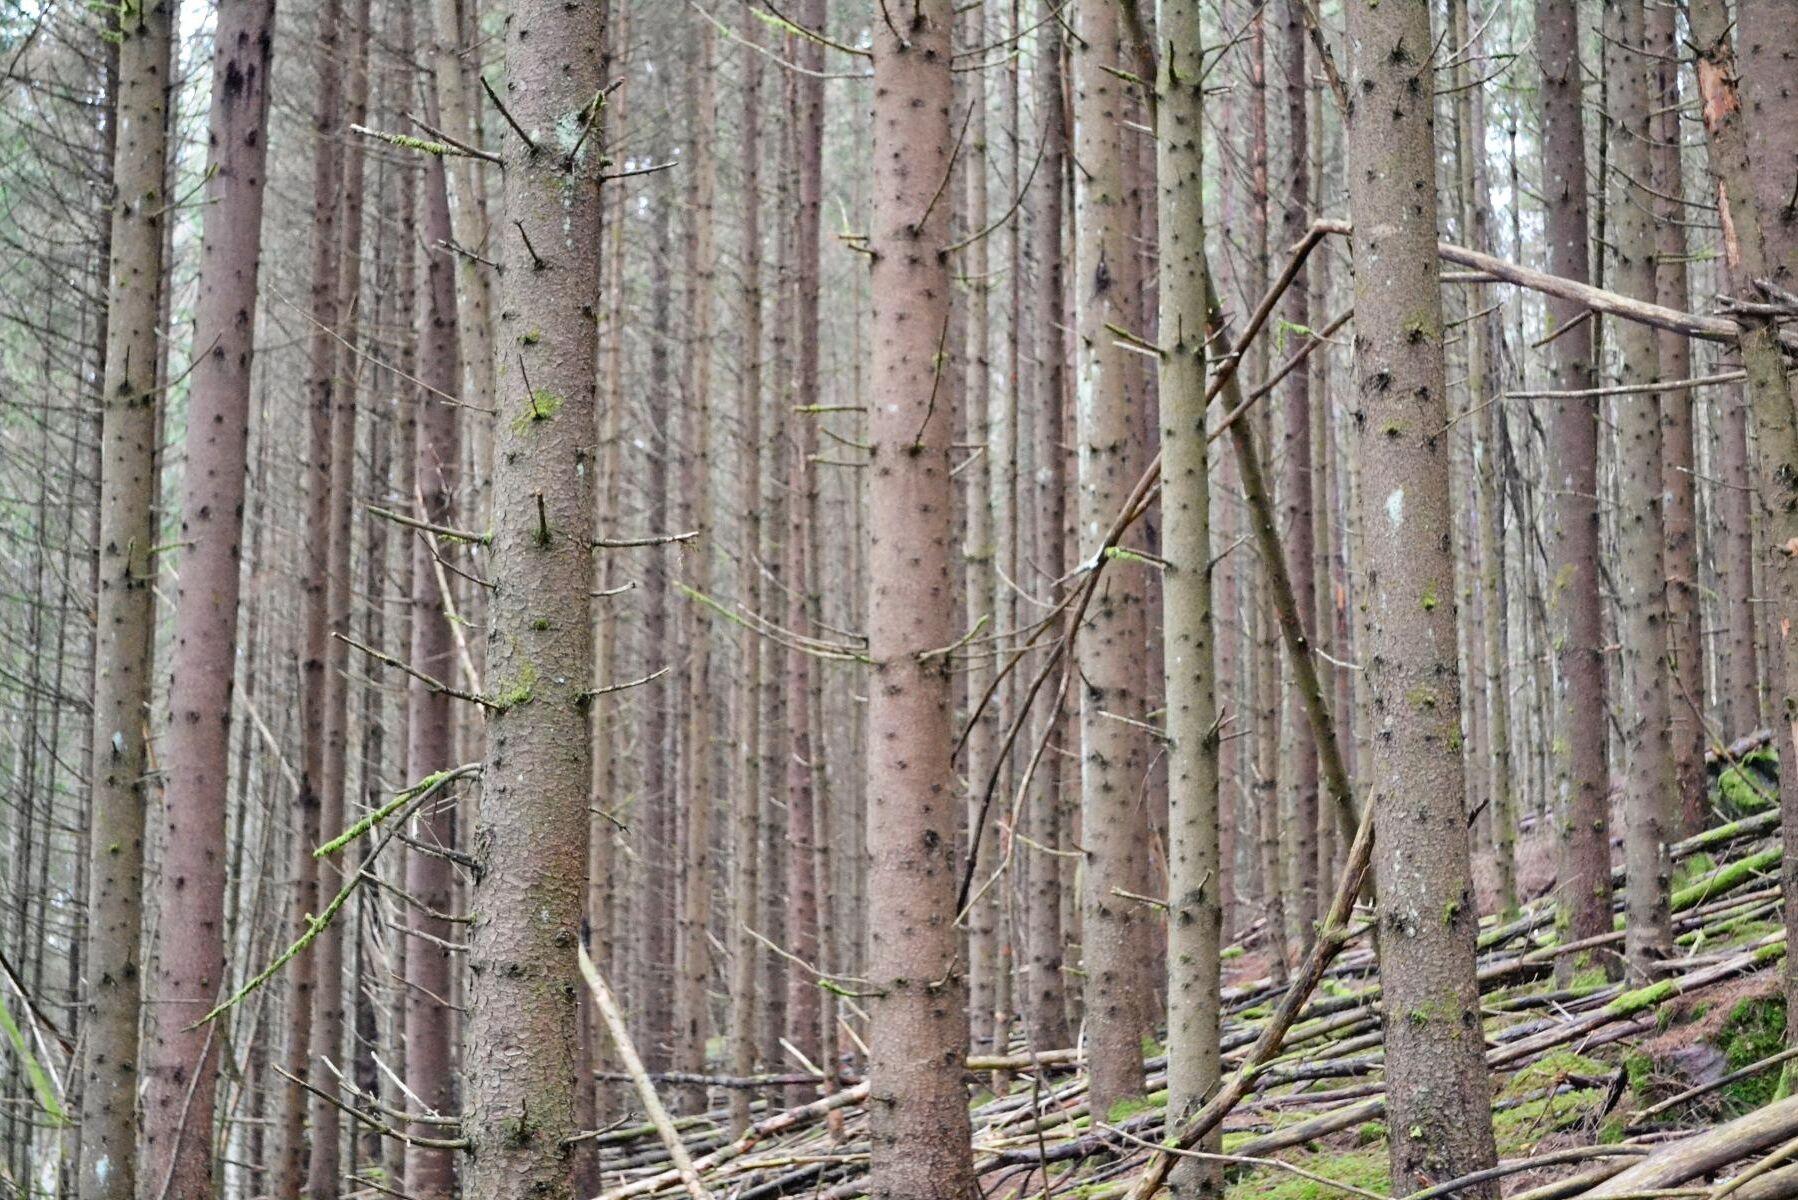 I ett stort EU-projekt ska den danska regeringen ställa om ensartad plantageskog av barrträd till mer varierade skogar som kan stå emot klimatändringen och ge större biodiversitet.